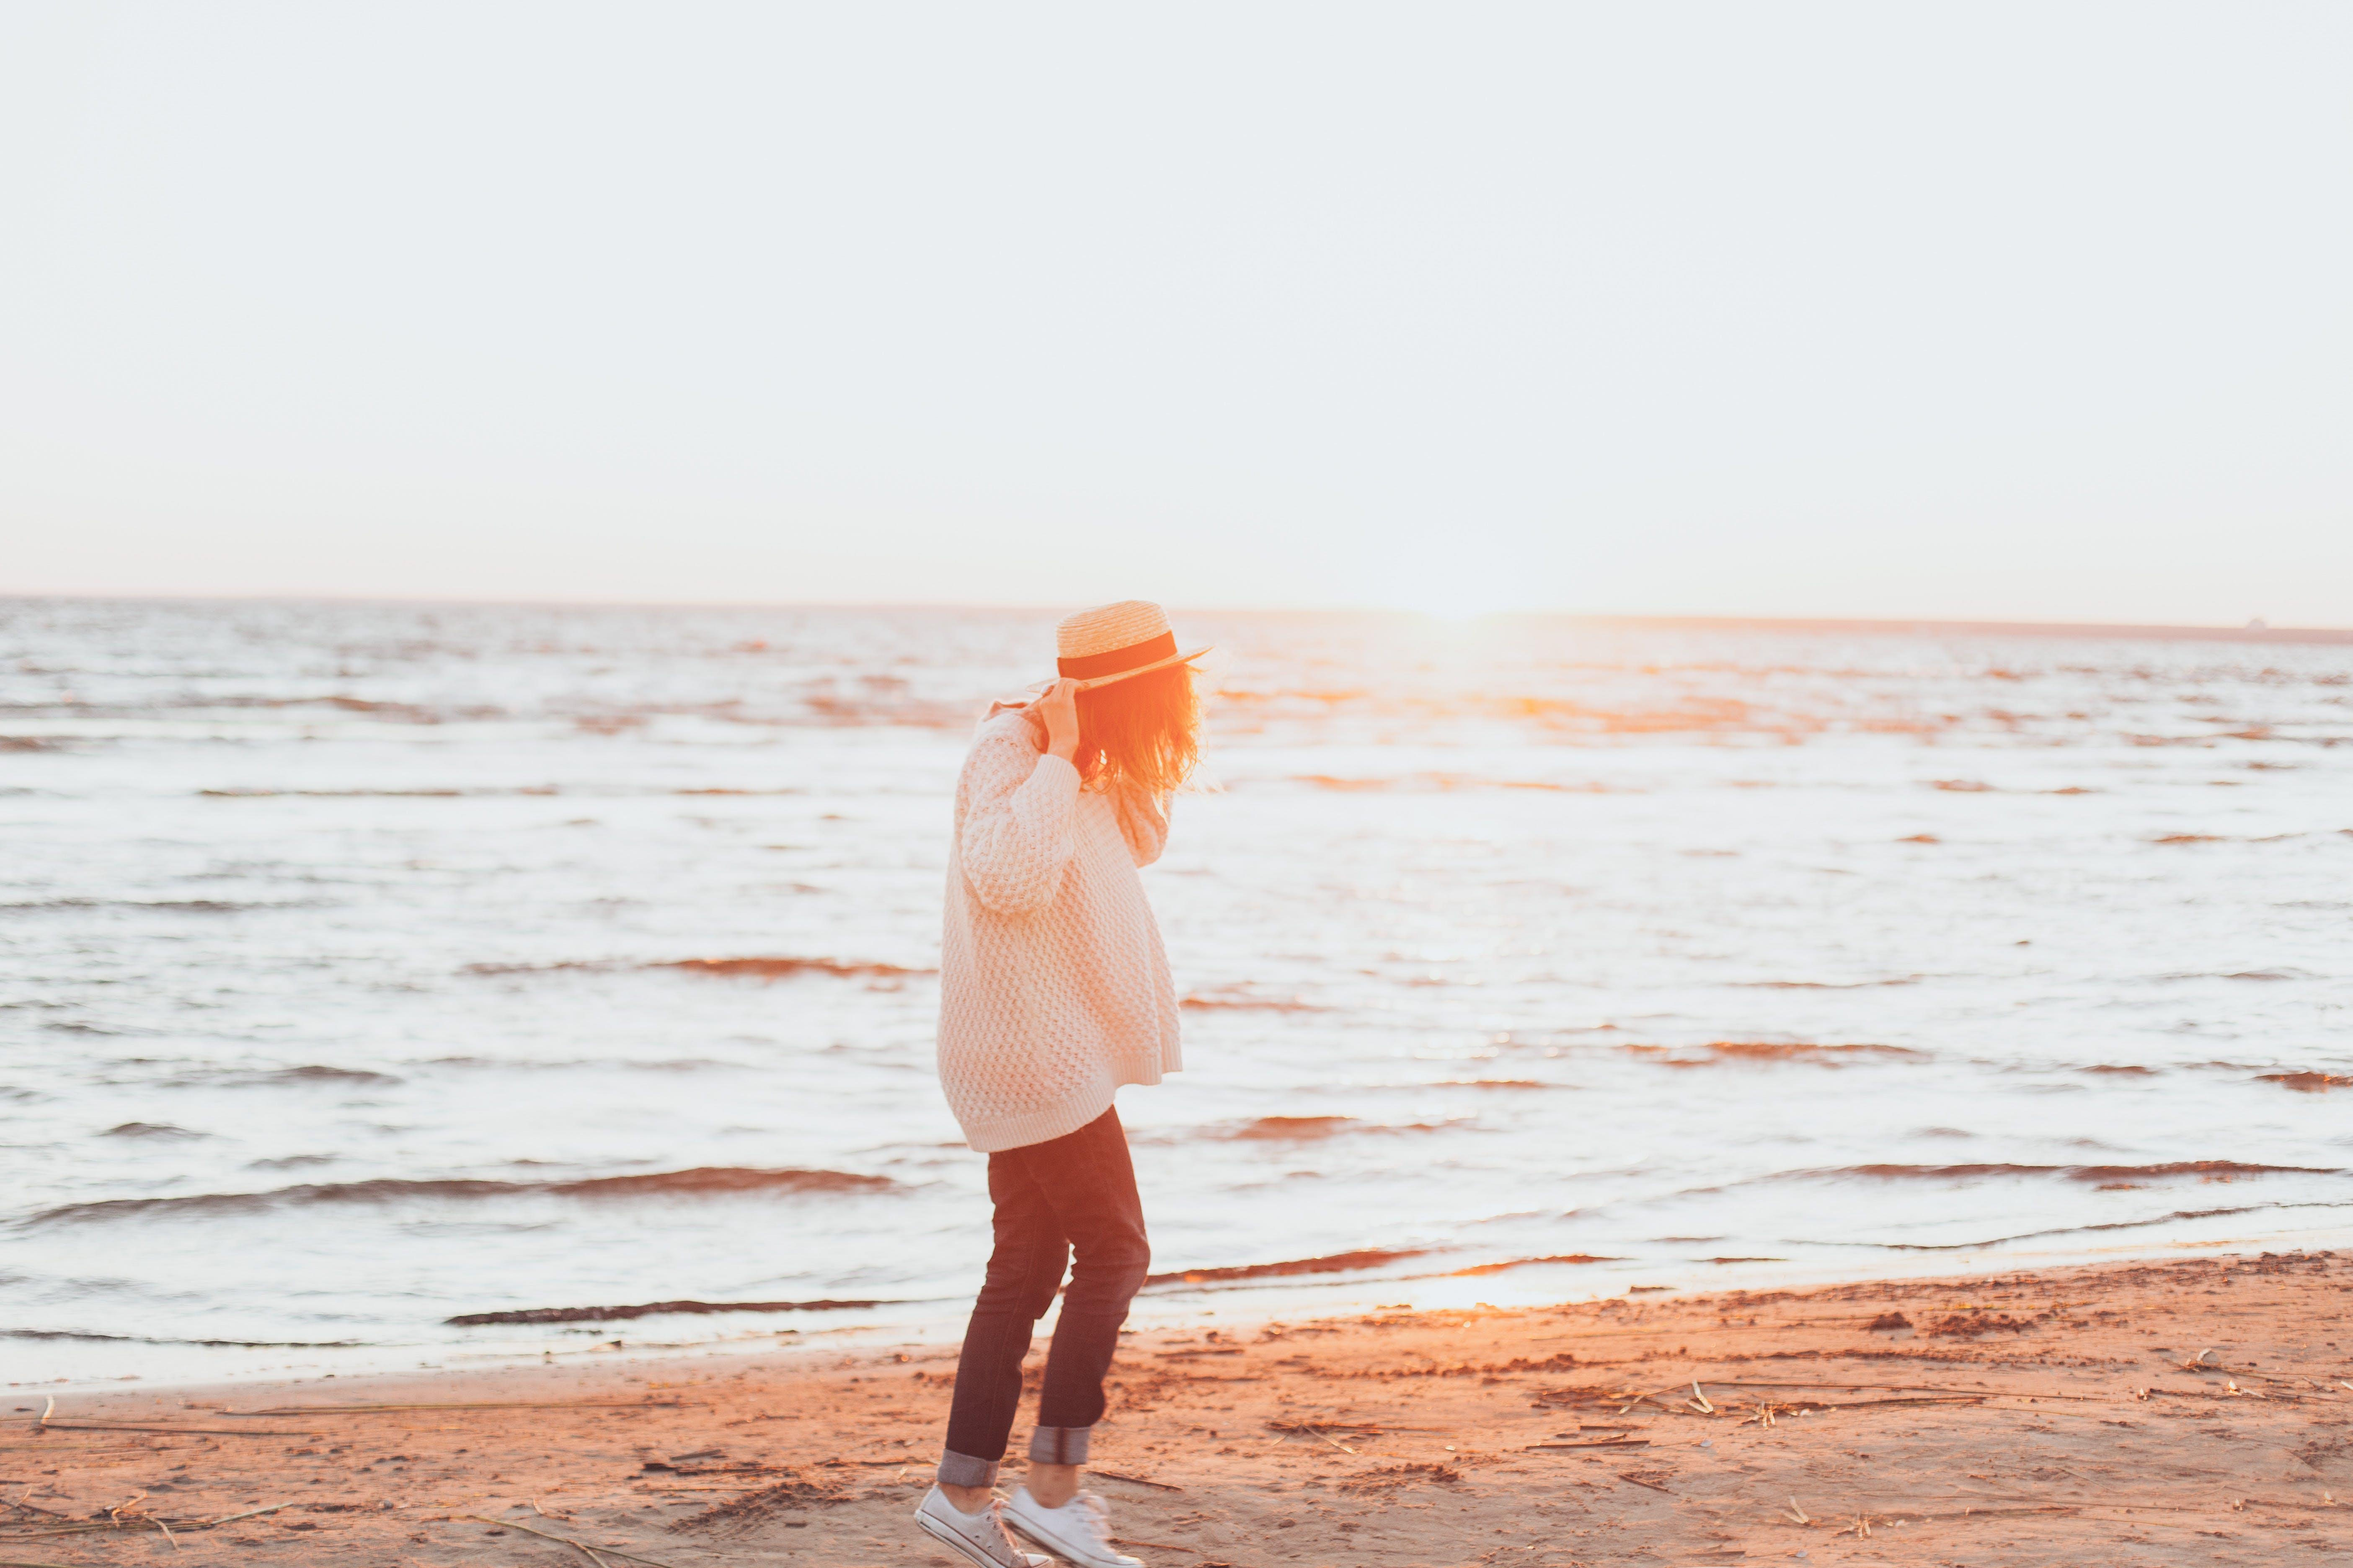 Kostenloses Stock Foto zu ferien, freizeit, gehen, horizont